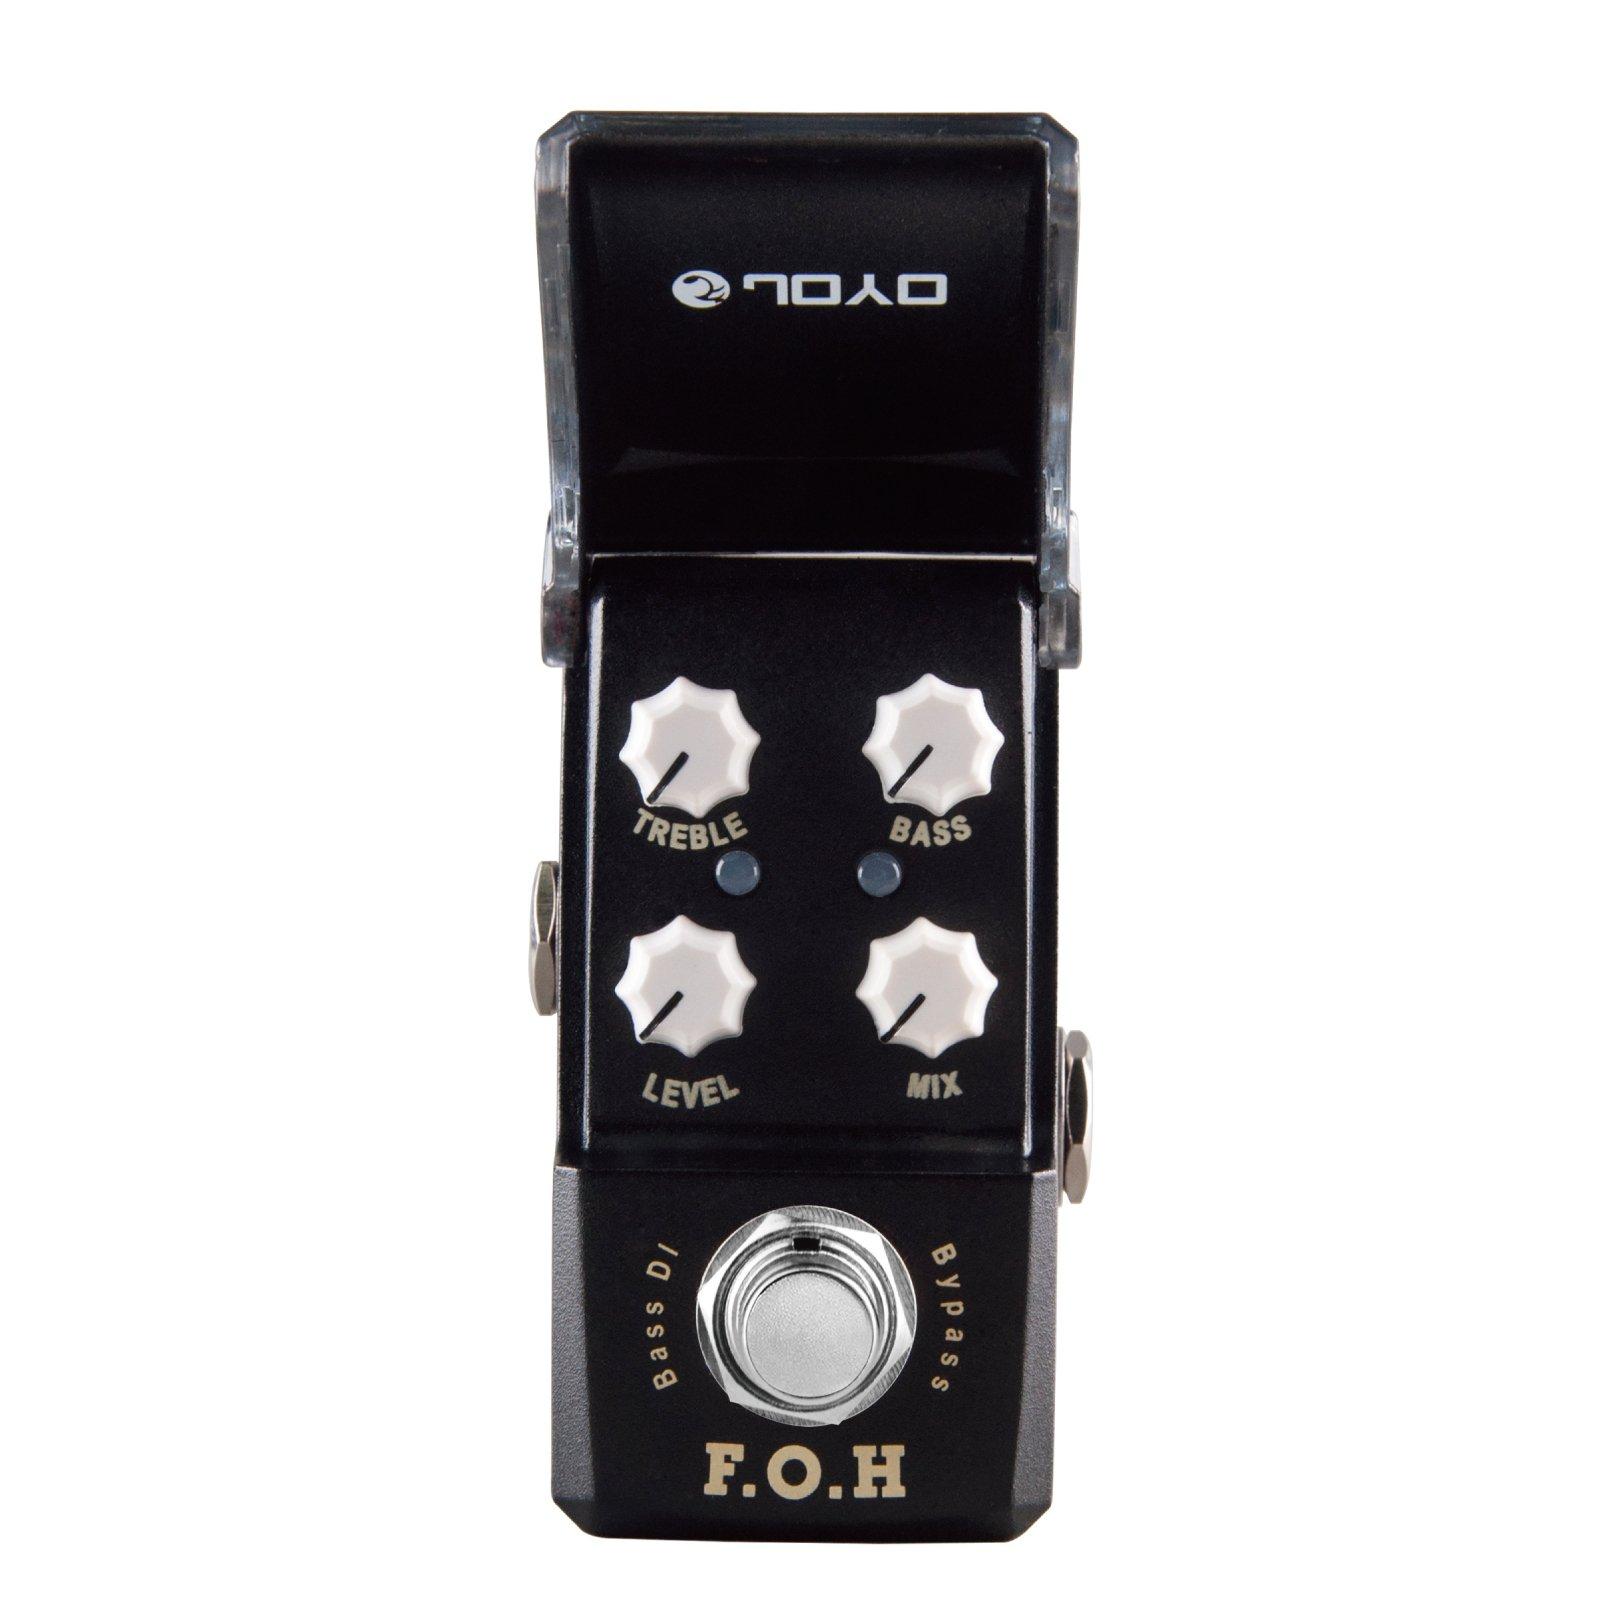 Joyo JF-331 F.O.H. Bass DI/EQ Pedal by Joyo Audio